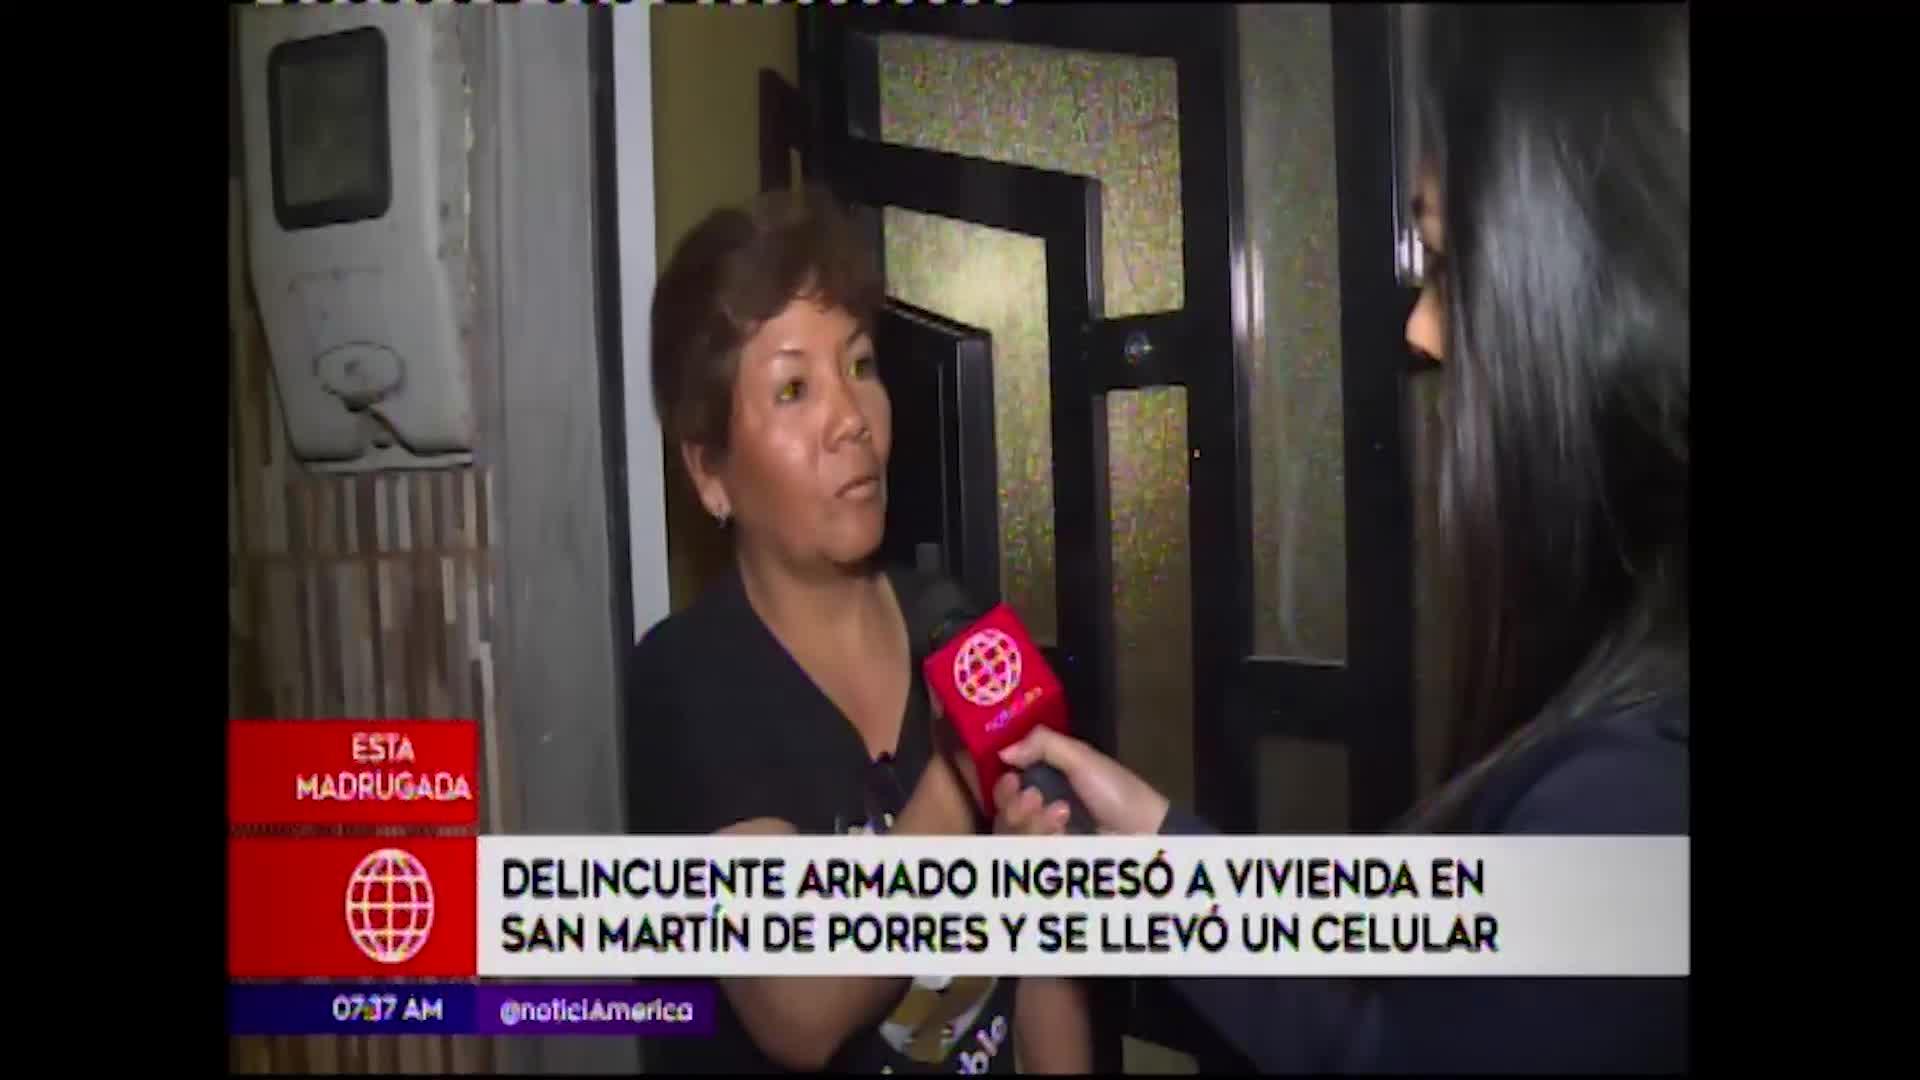 San Martín de Porres: delincuente armado entró a casa y se lleva un celular